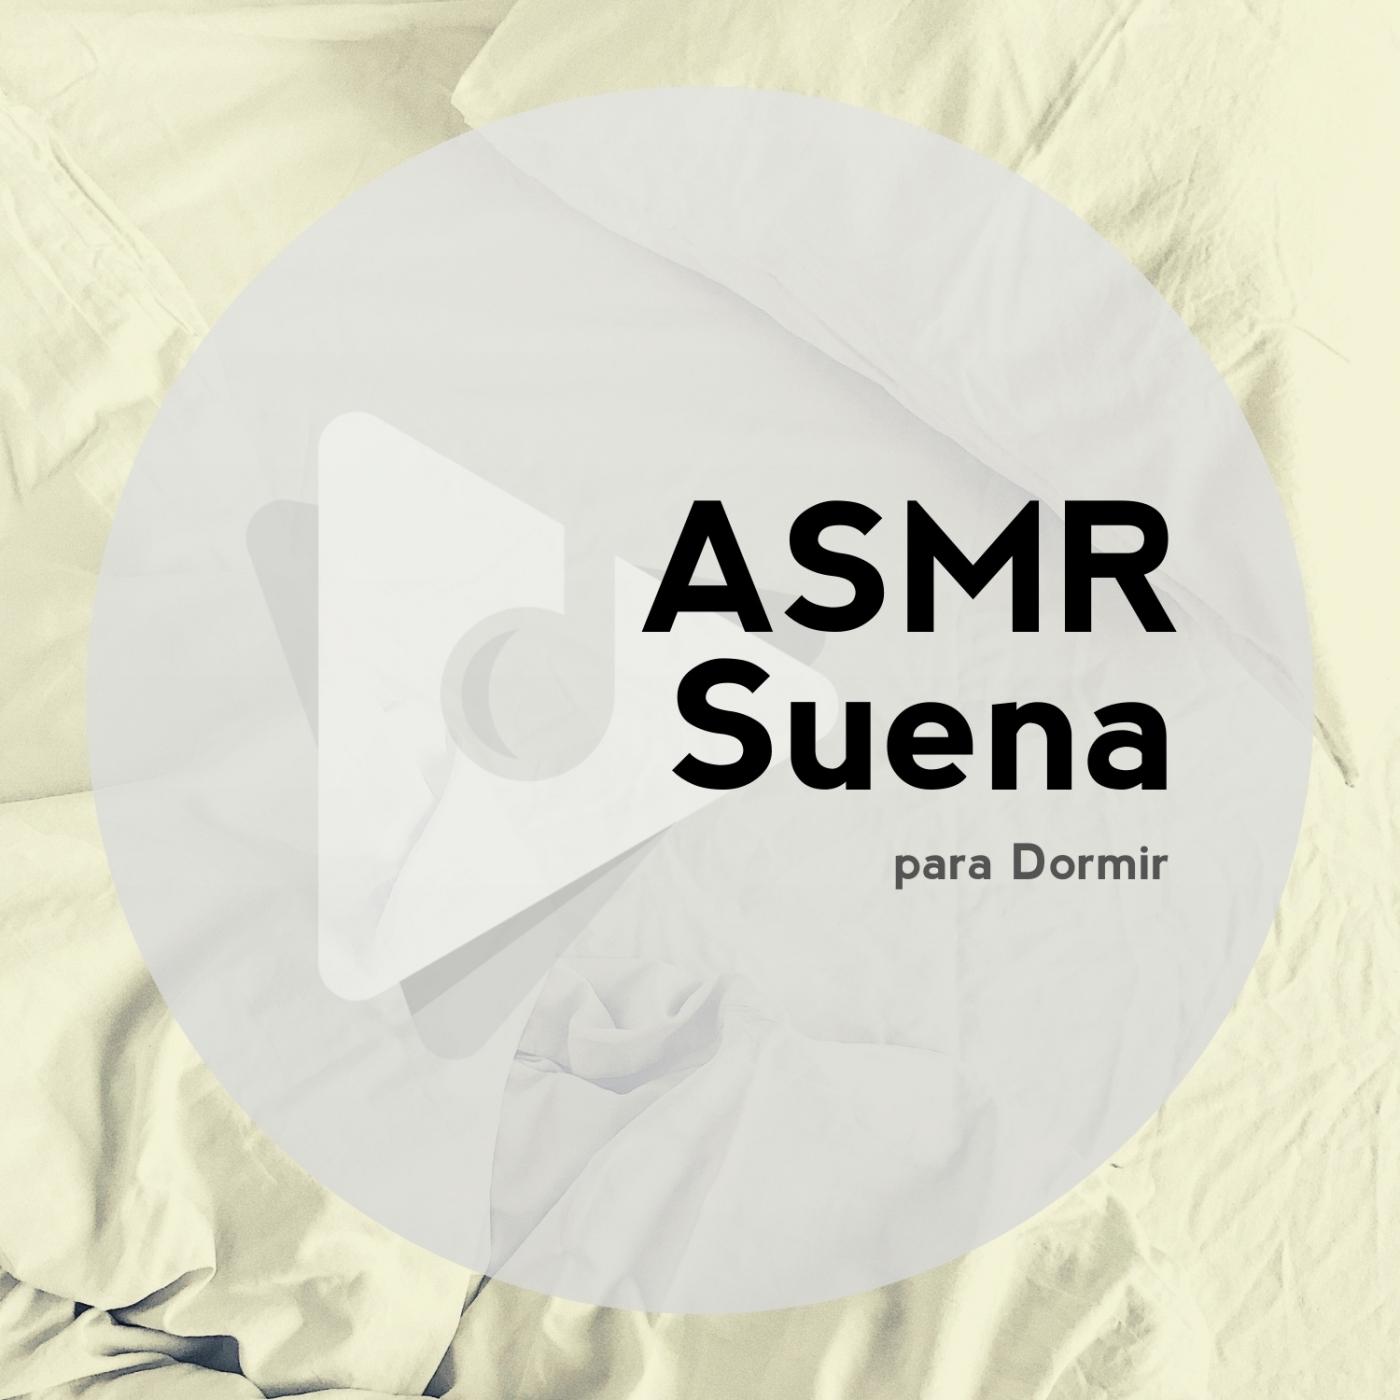 ASMR Suena para Dormir